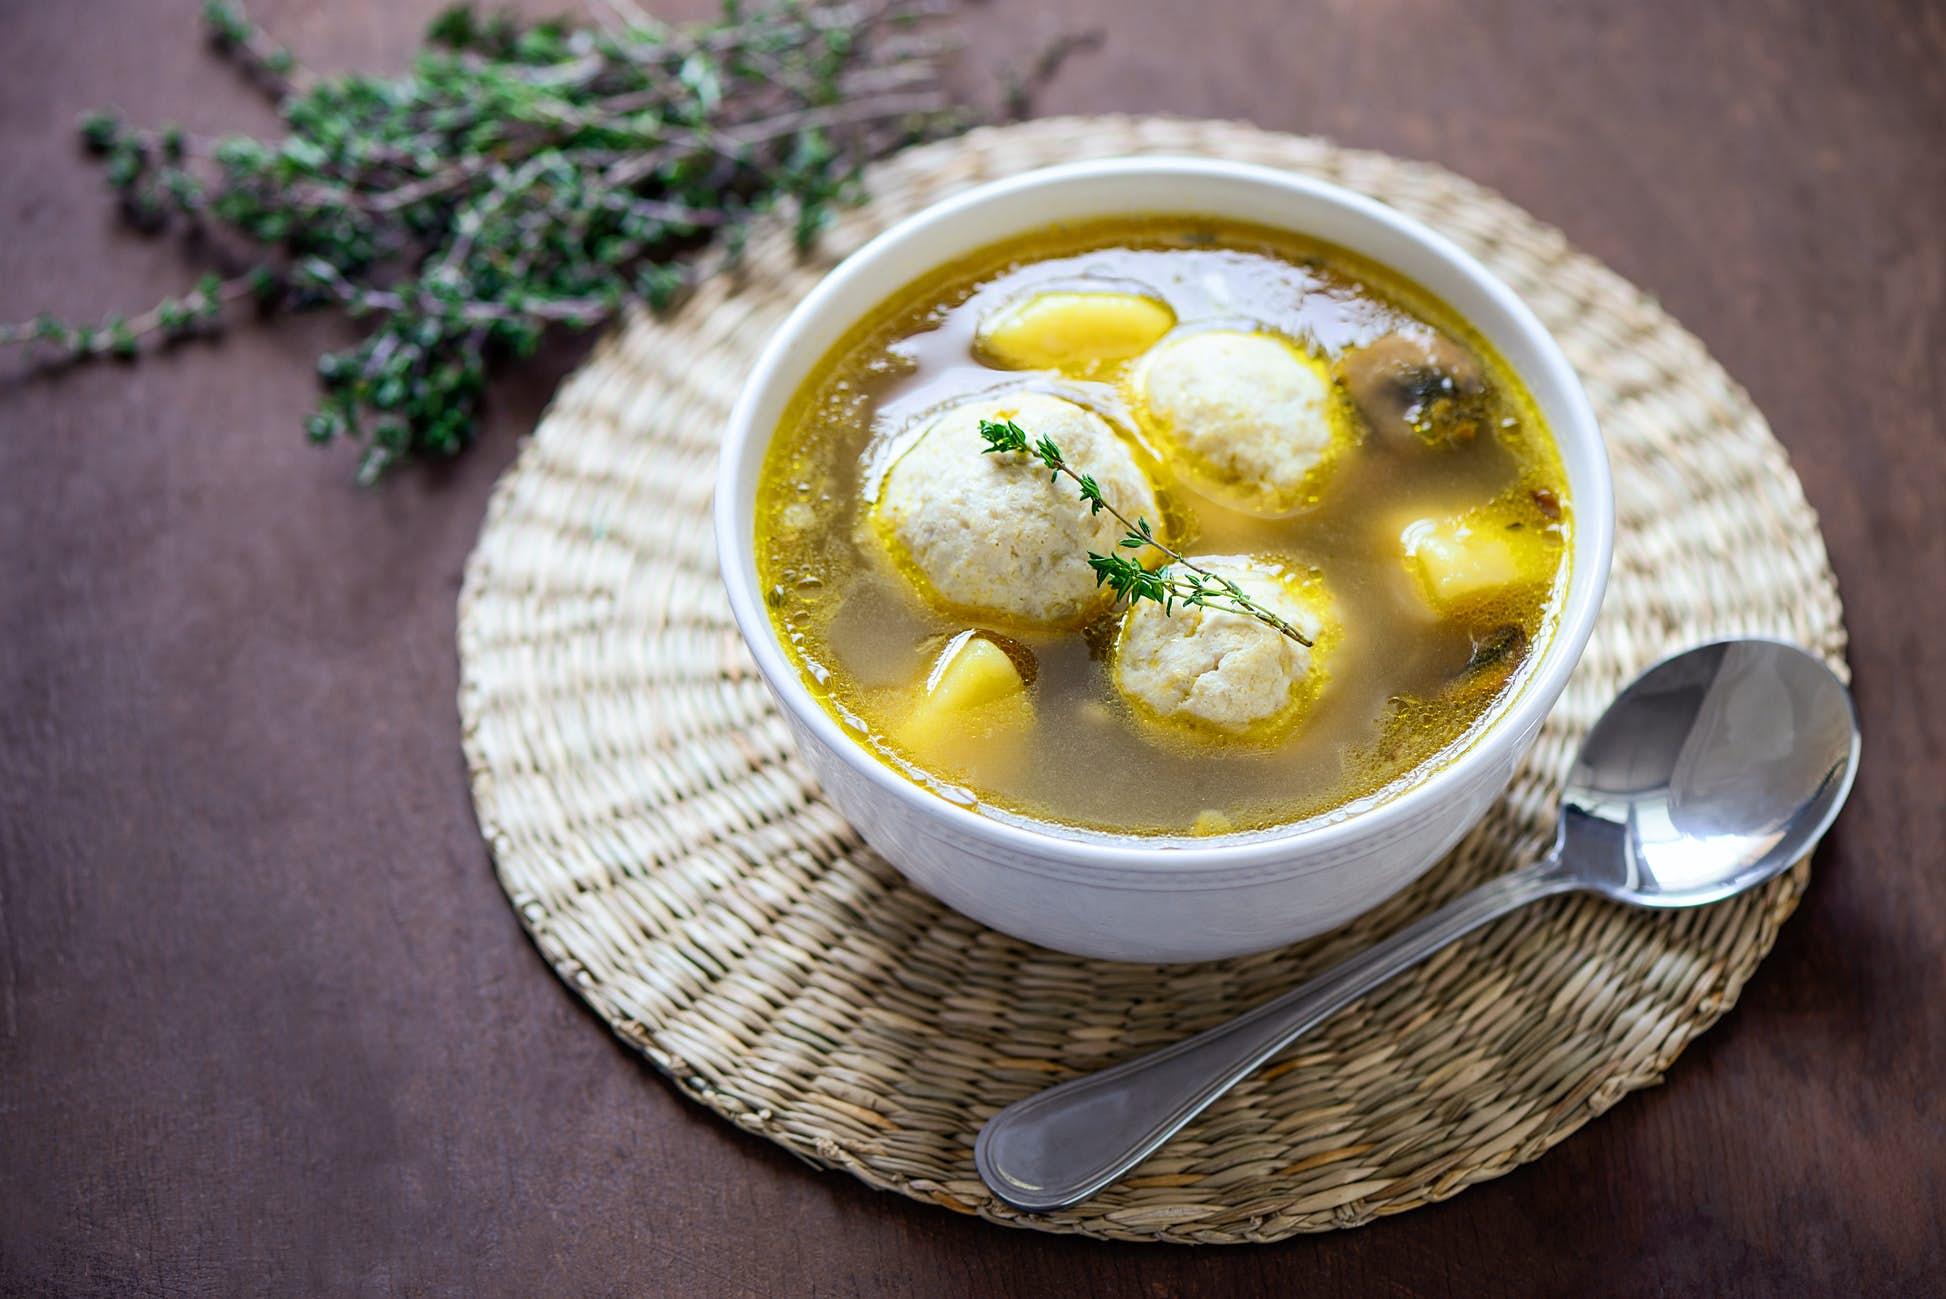 سوپ ماتسو بال